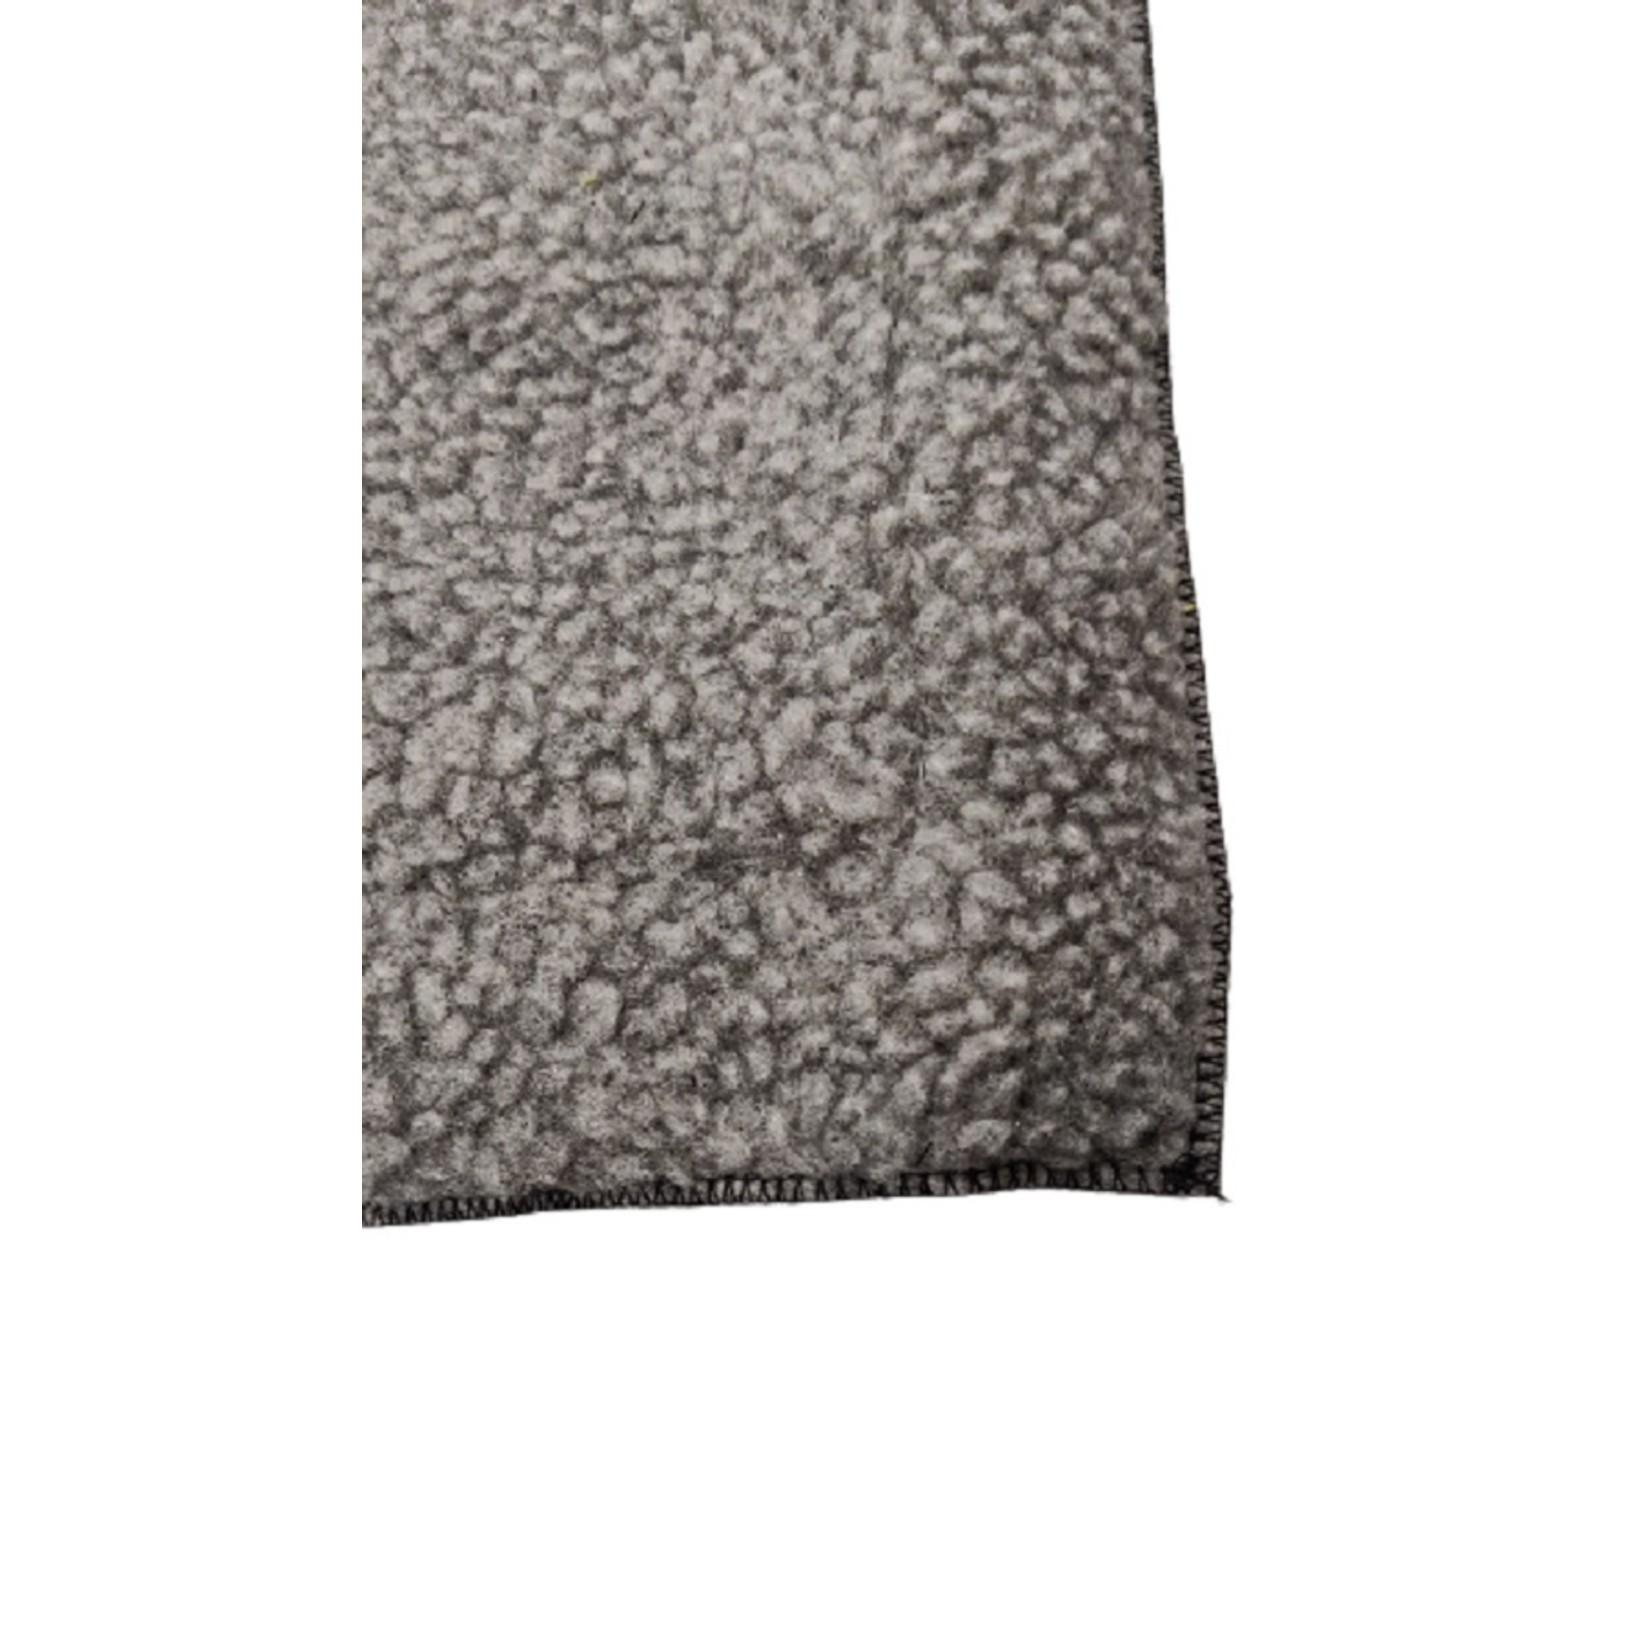 Sheepskin Benchkussen 70x50 cm